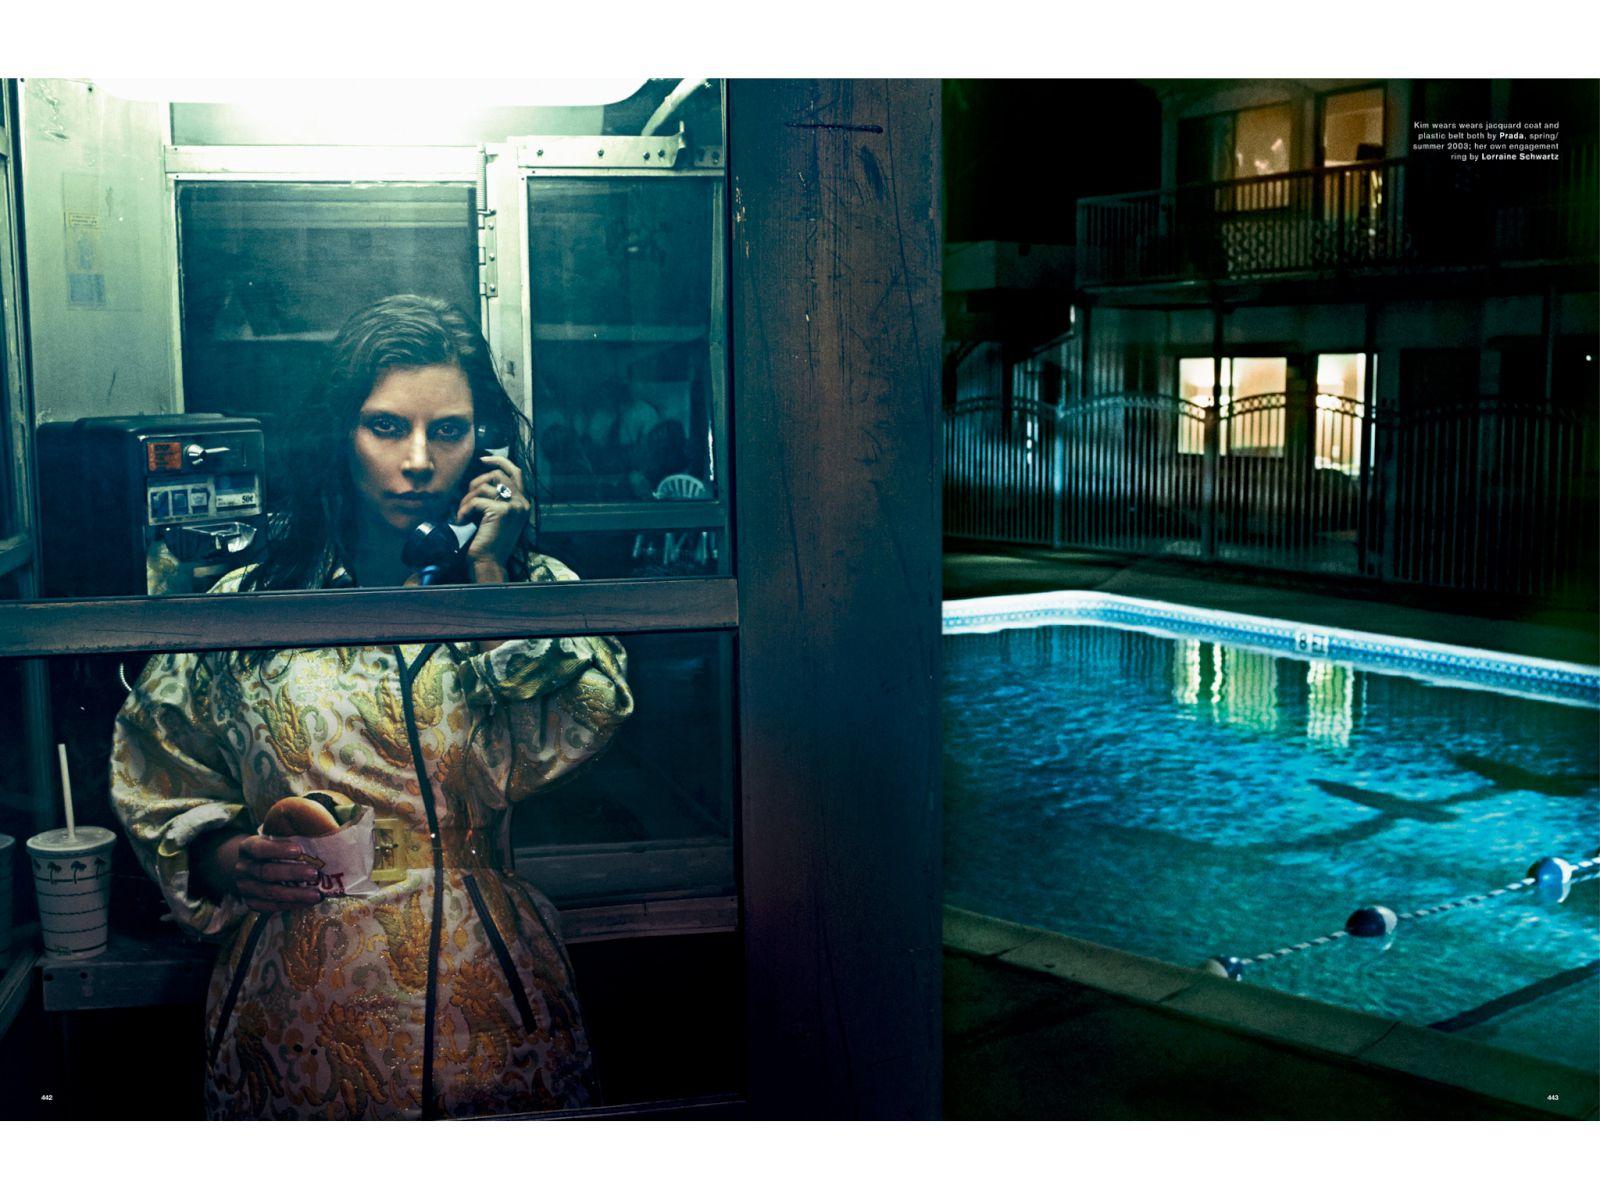 Kim Kardashian gola u magazinu Love (17 fotografija)